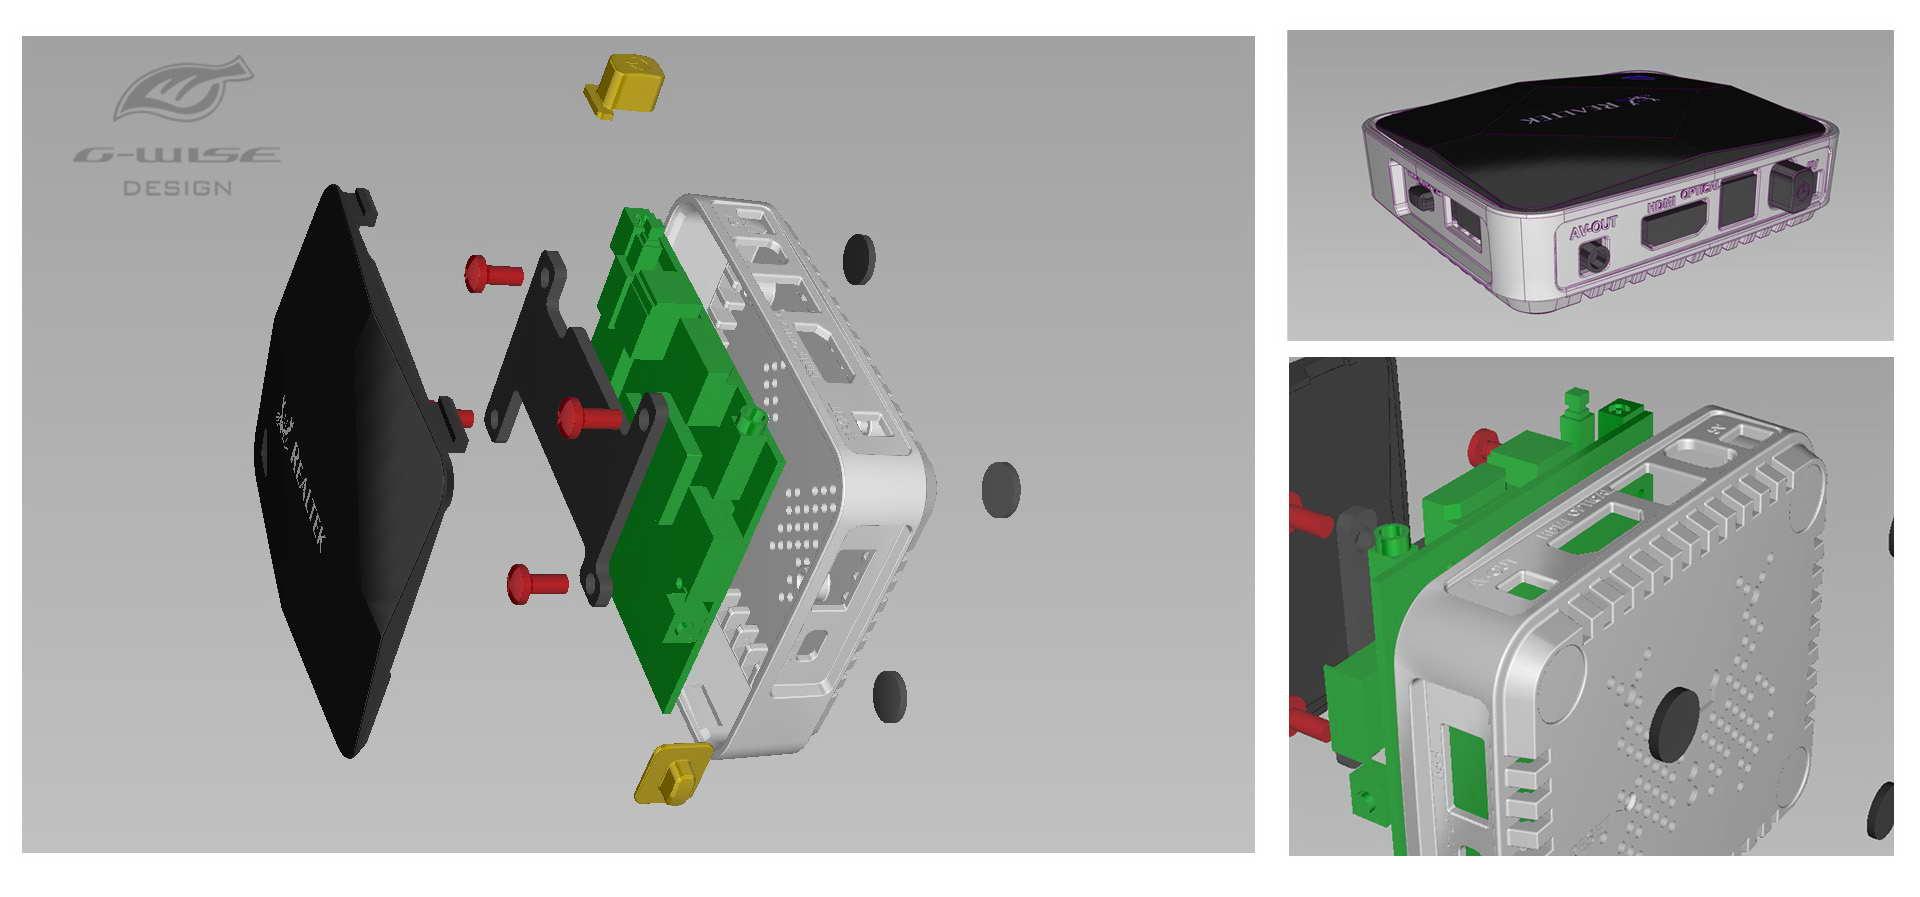 配合客户制作2d设计图及机构cad图,车用精品竞争激烈,好的独家设计